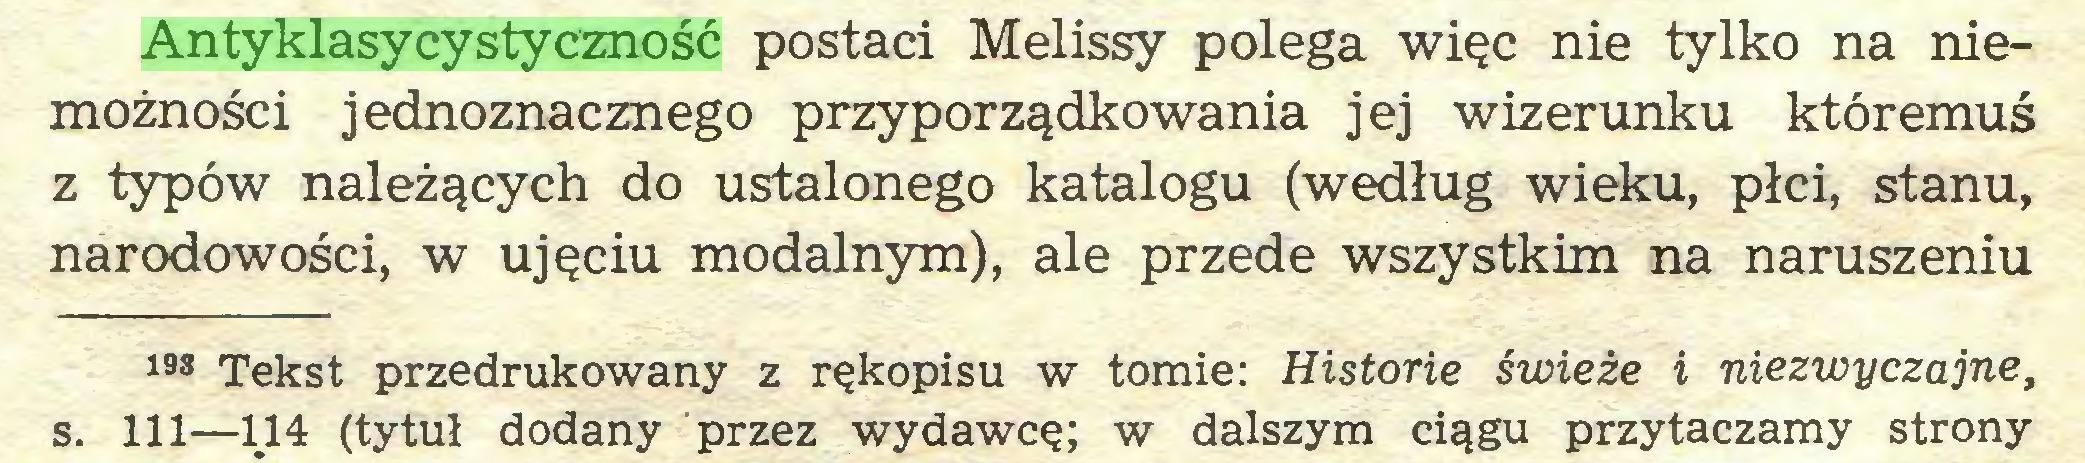 (...) Antyklasycystyczność postaci Melissy polega więc nie tylko na niemożności jednoznacznego przyporządkowania jej wizerunku któremuś z typów należących do ustalonego katalogu (według wieku, płci, stanu, narodowości, w ujęciu modalnym), ale przede wszystkim na naruszeniu 193 Tekst przedrukowany z rękopisu w tomie: Historie świeże i niezwyczajne, s. 111—114 (tytuł dodany przez wydawcę; w dalszym ciągu przytaczamy strony...